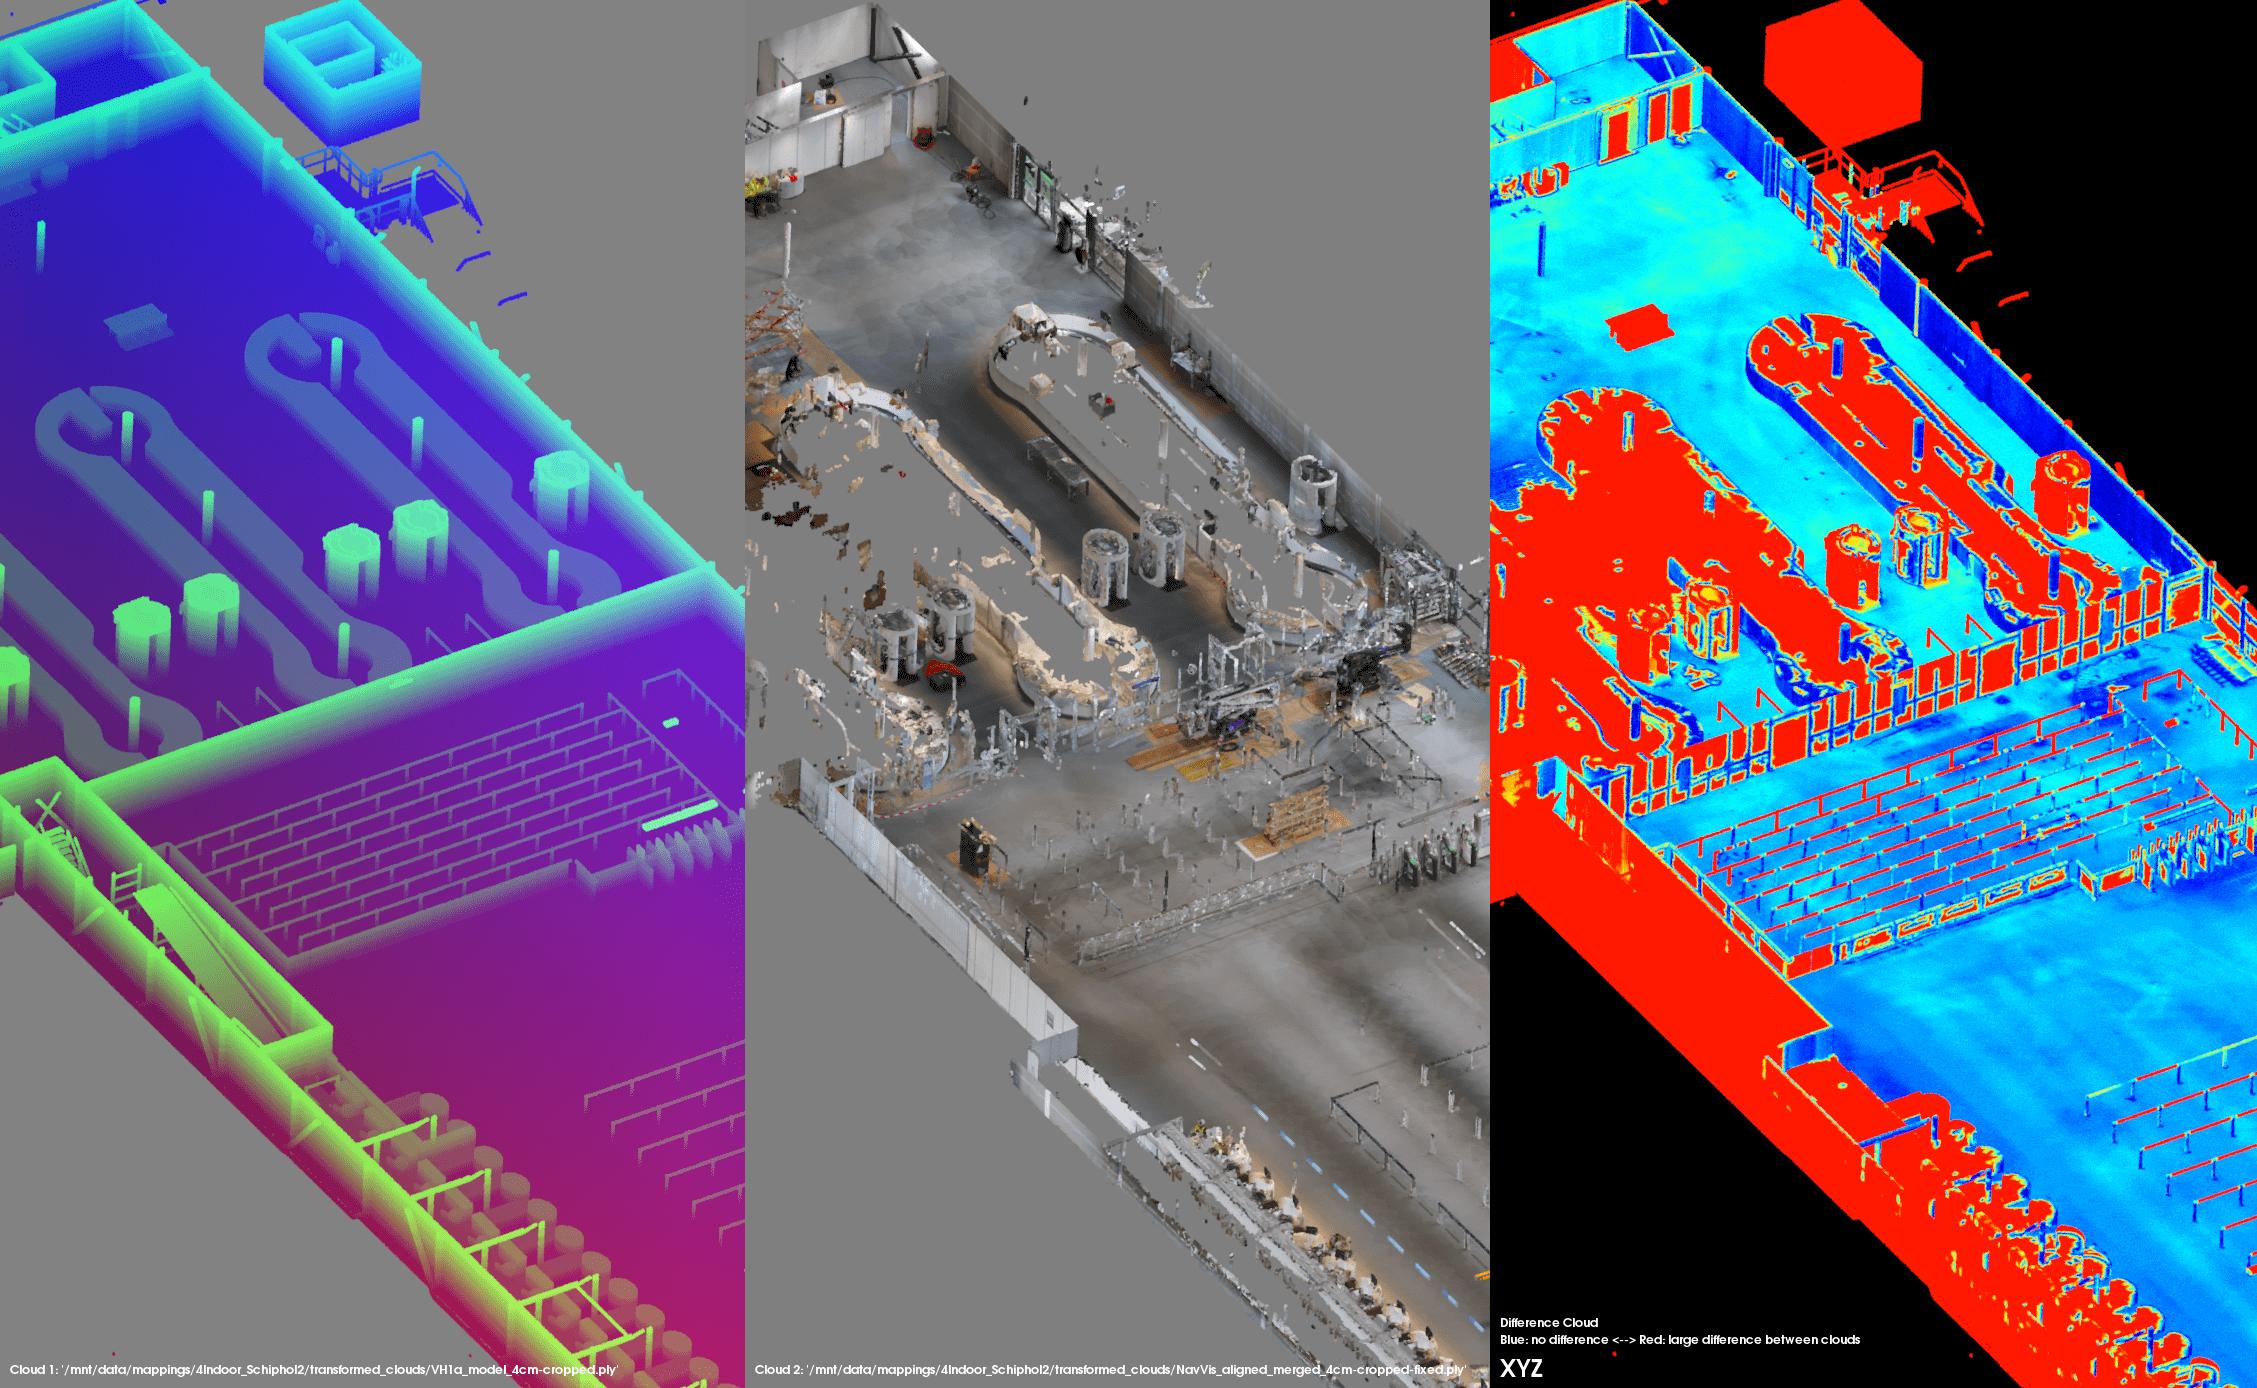 Resultaat van de 3D scans gevisualiseerd